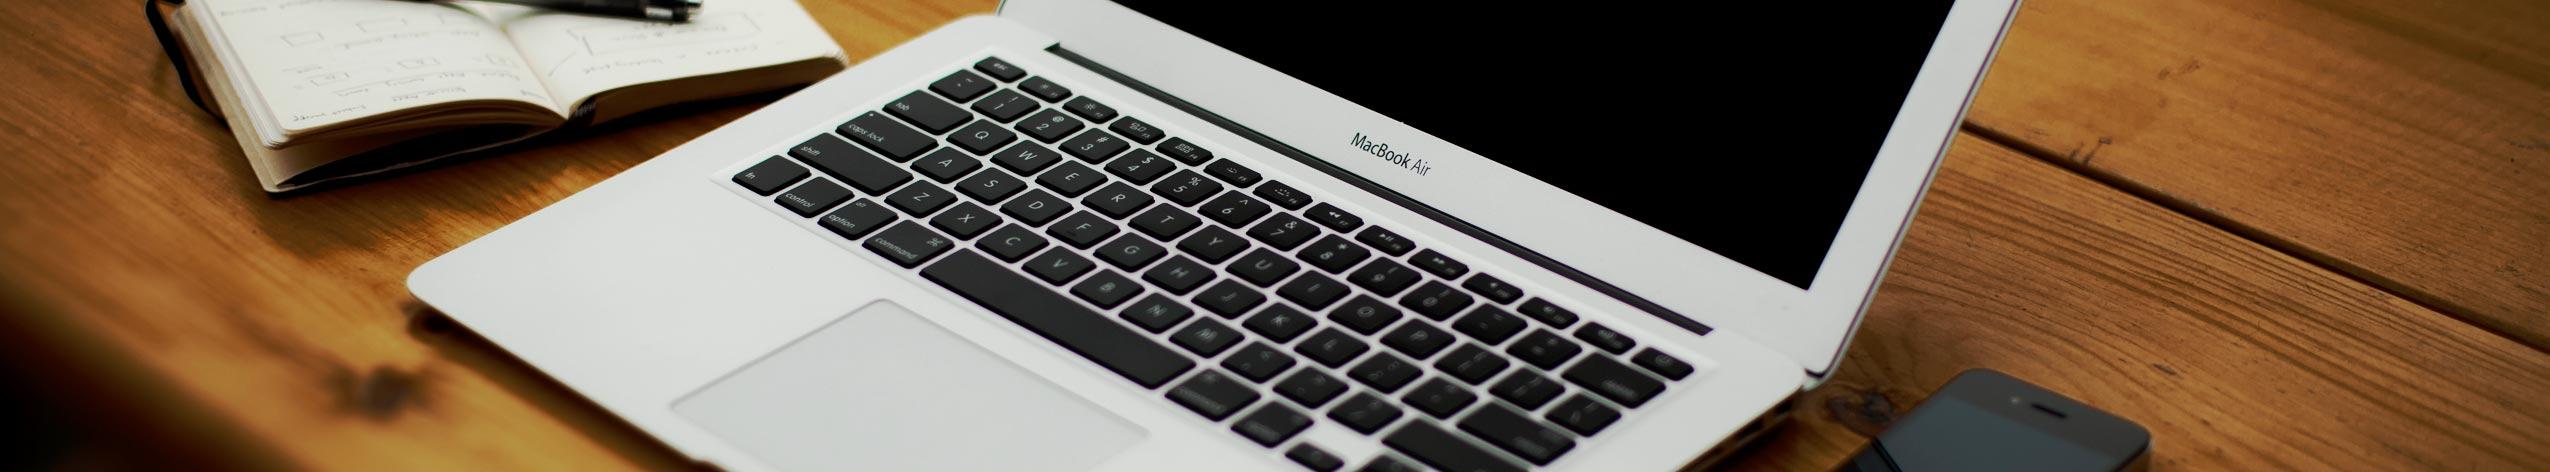 Bureau de travail de l'éditeur freelance - macbook - carnet - portable